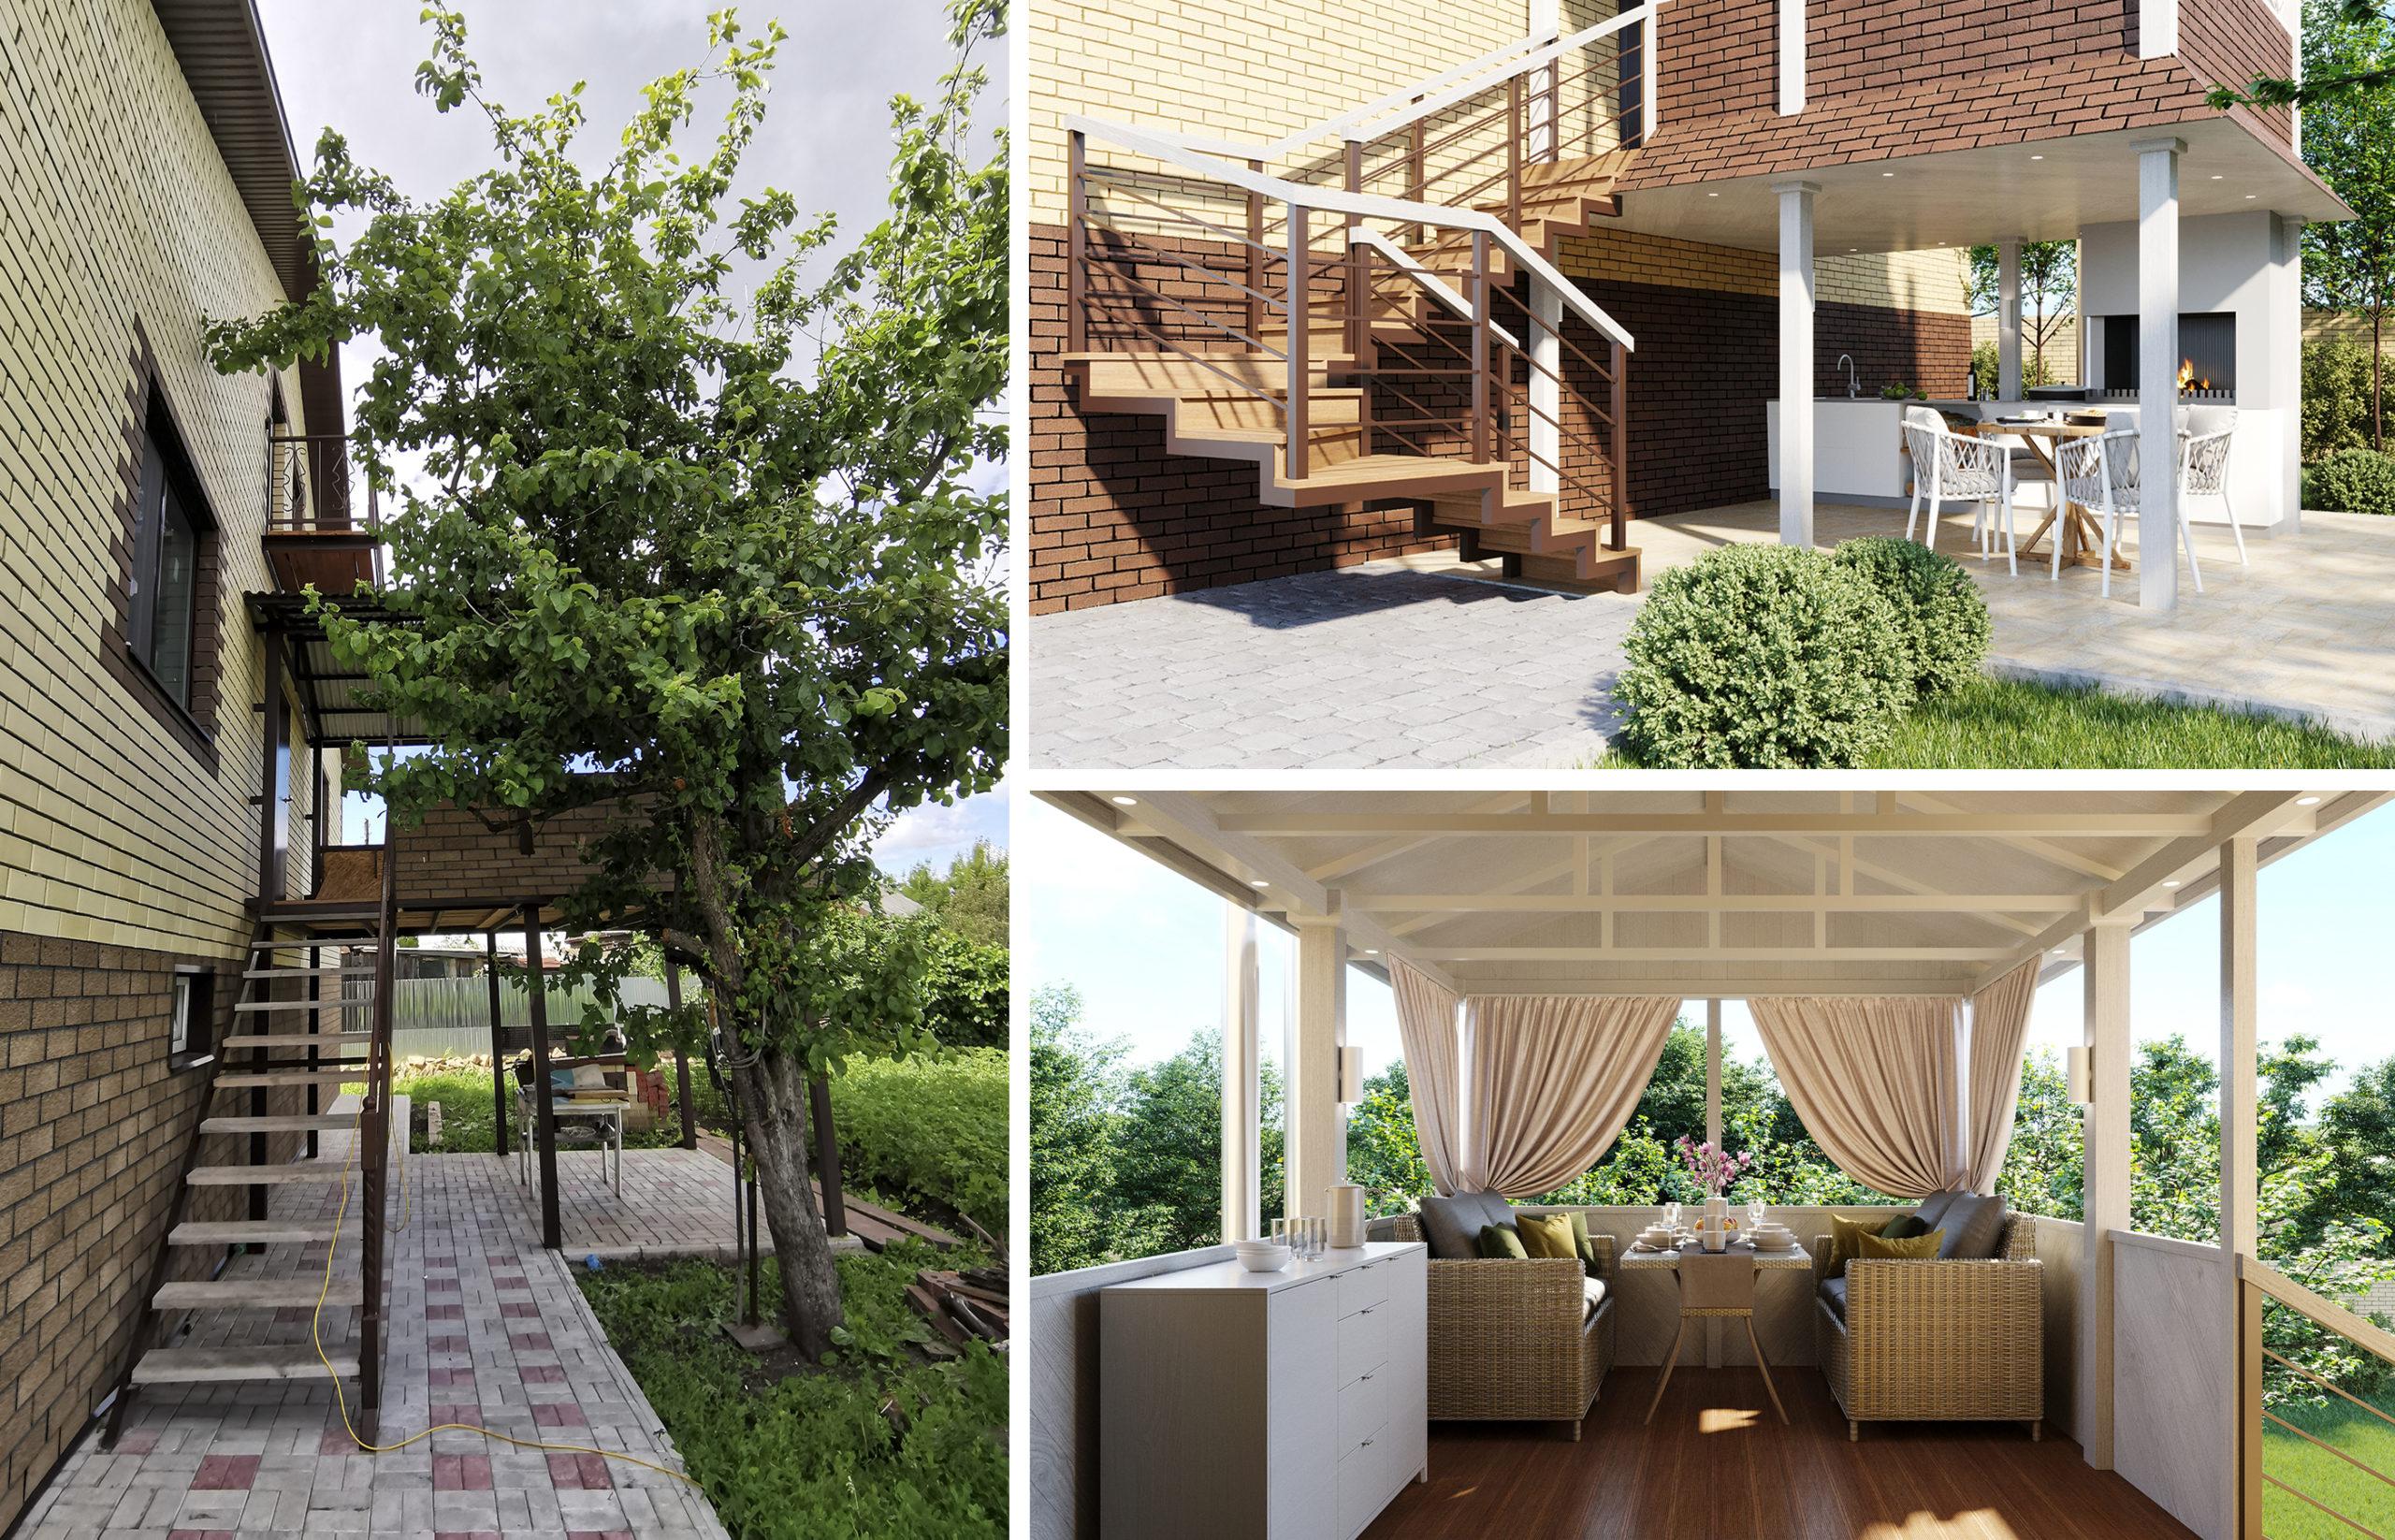 Фото исходной ситуации и проект дизайна двух-уровневой террасы